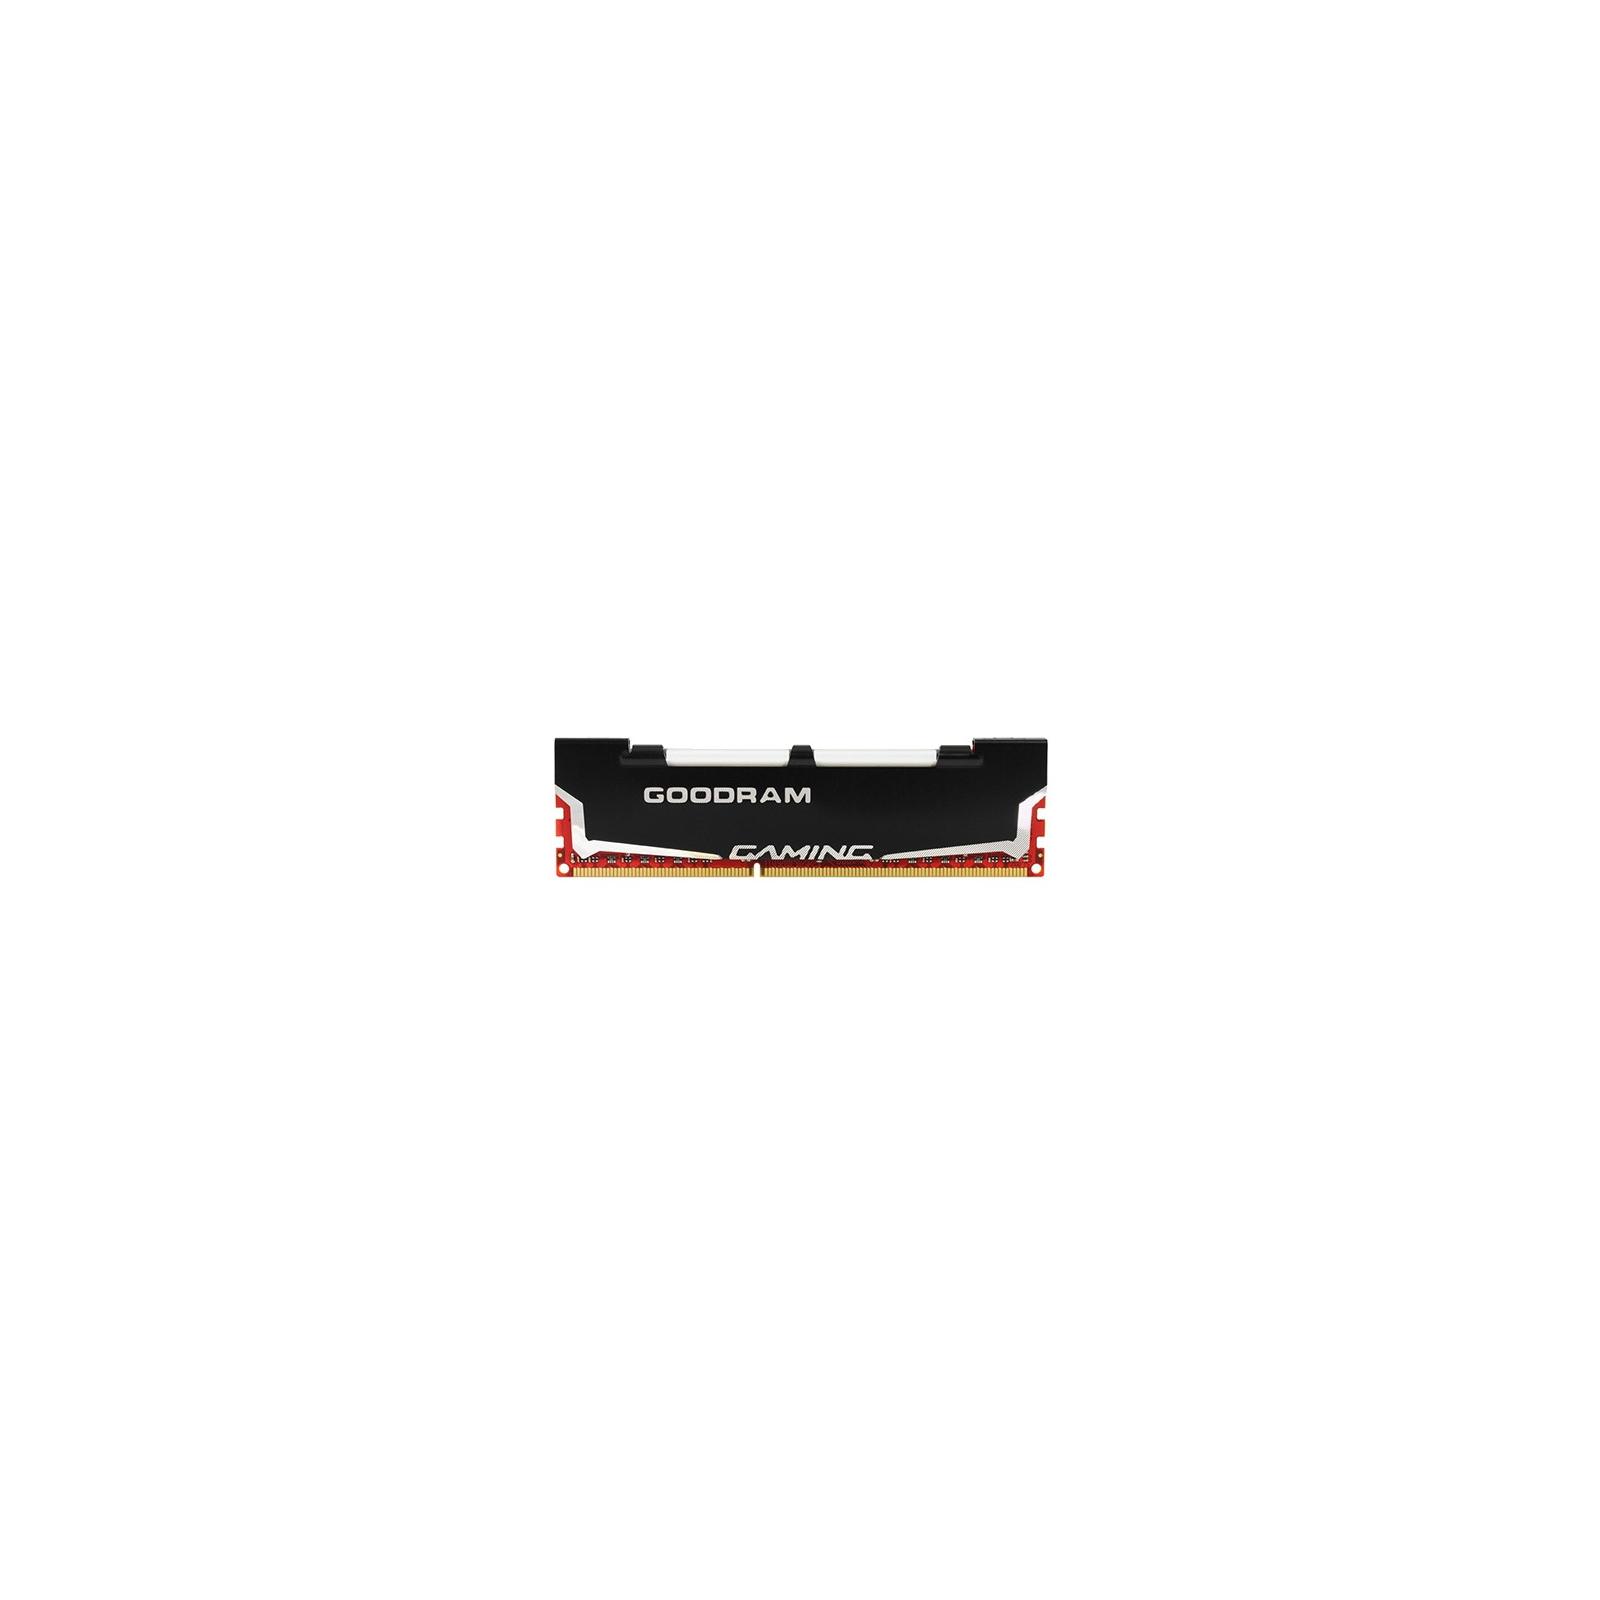 Модуль памяти для компьютера DDR3 4Gb 1866 MHz Led Gaming GOODRAM (GL1866D364L9A/4G)